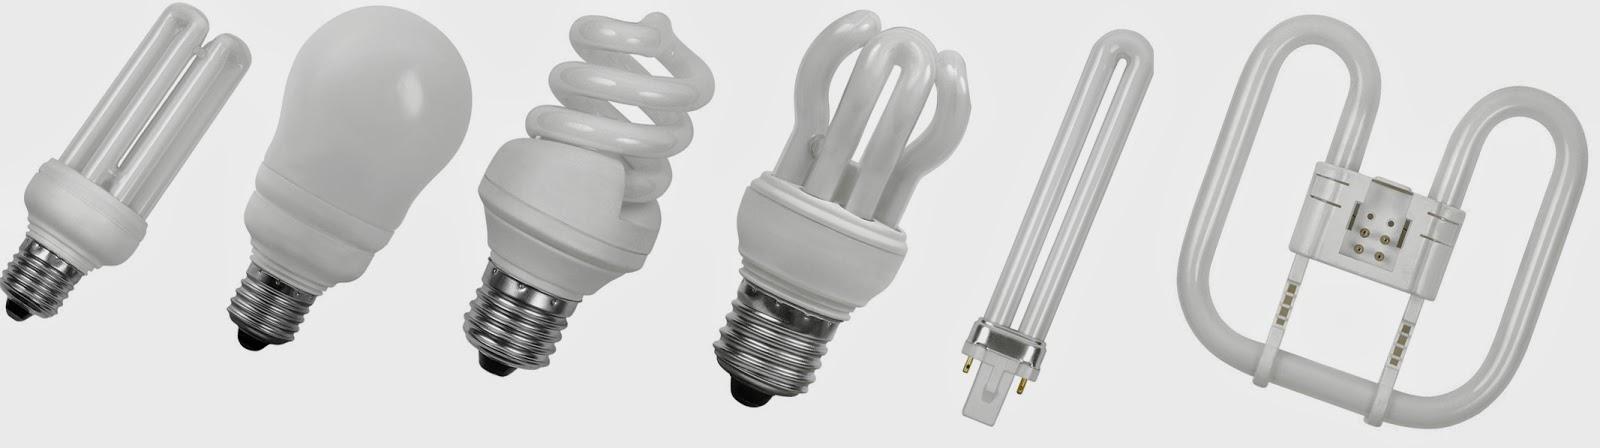 Компенсация_реактивной_мощности_в_установках_с_люминесцентными_лампами.jpg